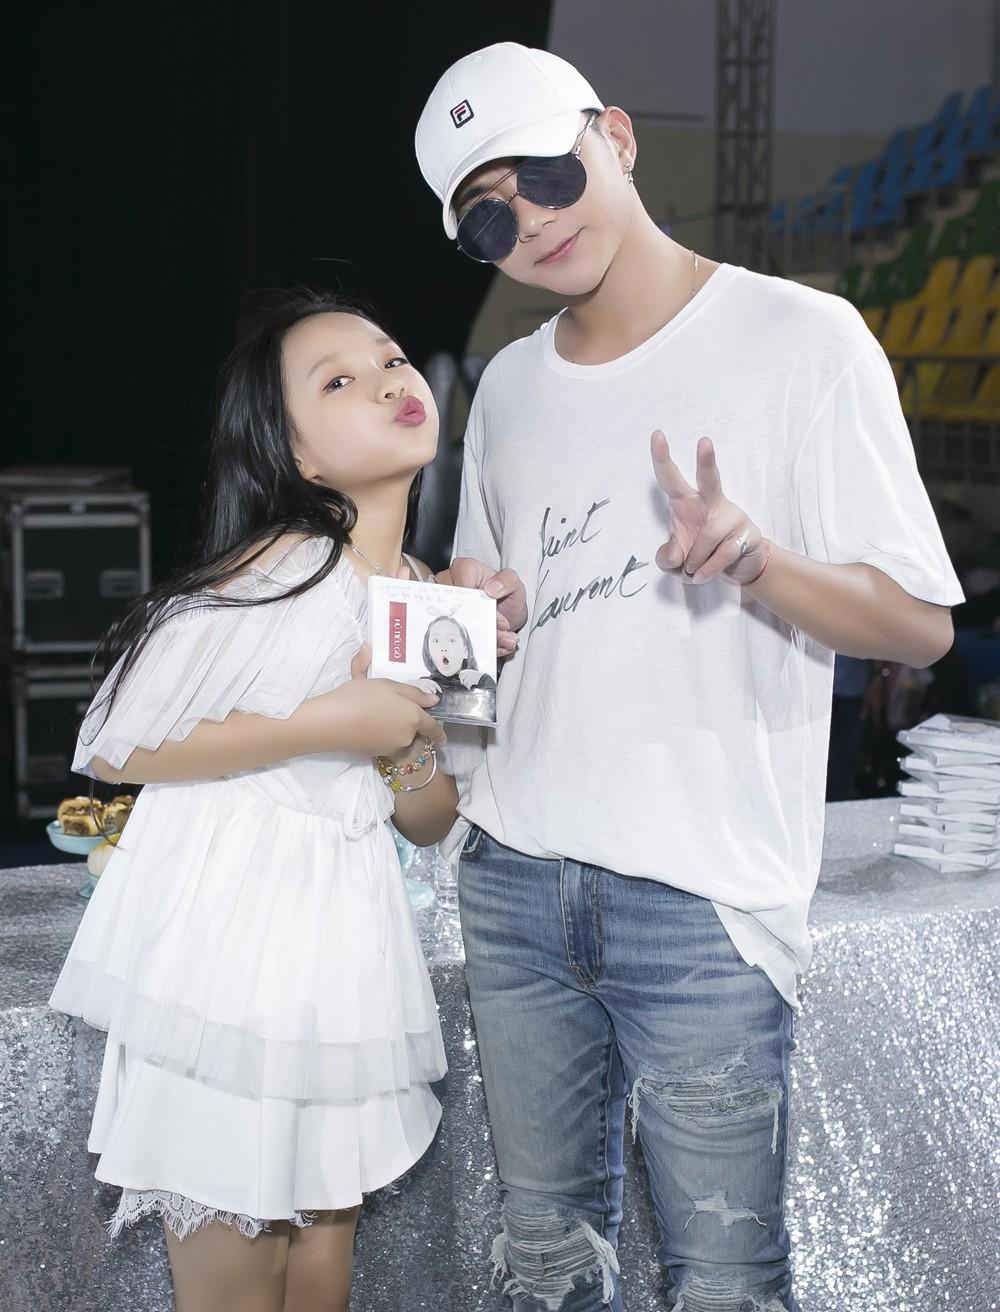 Con gái nuôi Soobin Hoàng Sơn xinh xắn tạo dáng bên bố và Lưu Thiên Hương - Ảnh 3.